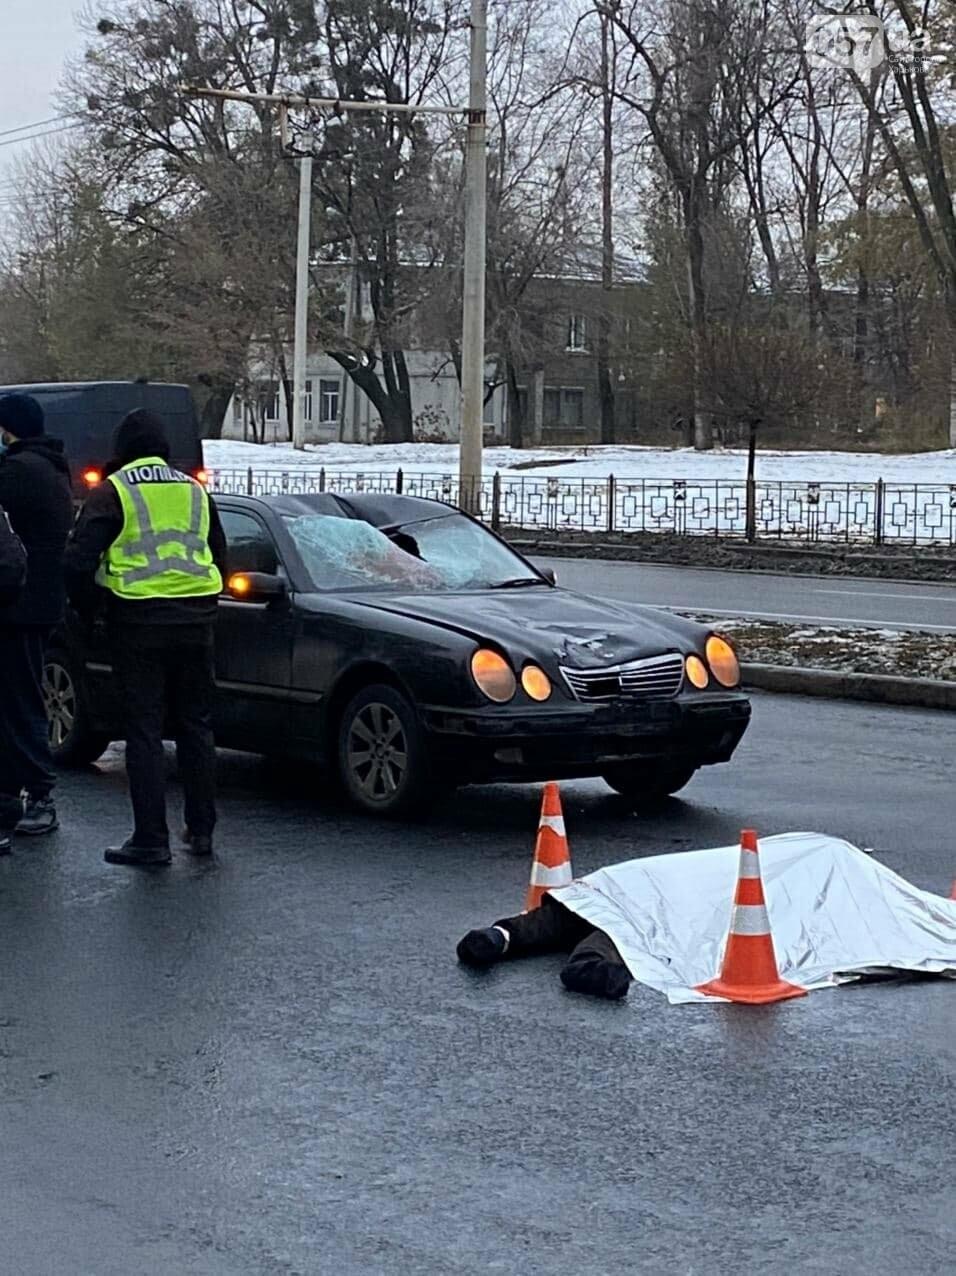 Возле Турбоатома водитель Mercedes сбил насмерть мужчину. От удара пешеходу оторвало голову, - ФОТО 18+, фото-1